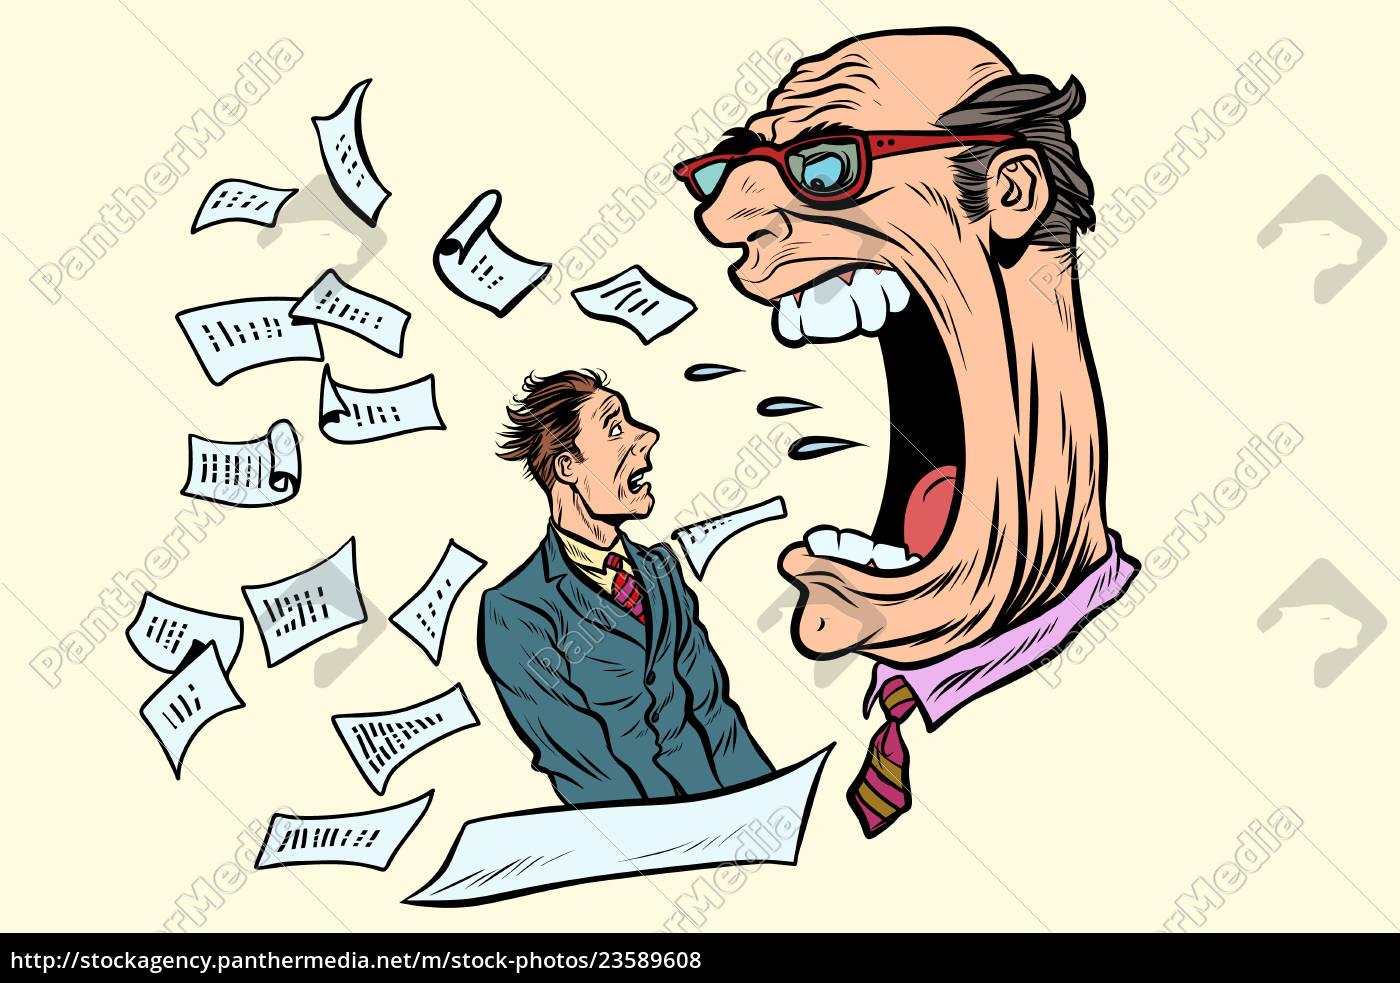 the, boss, yells, at, a, subordinate. - 23589608